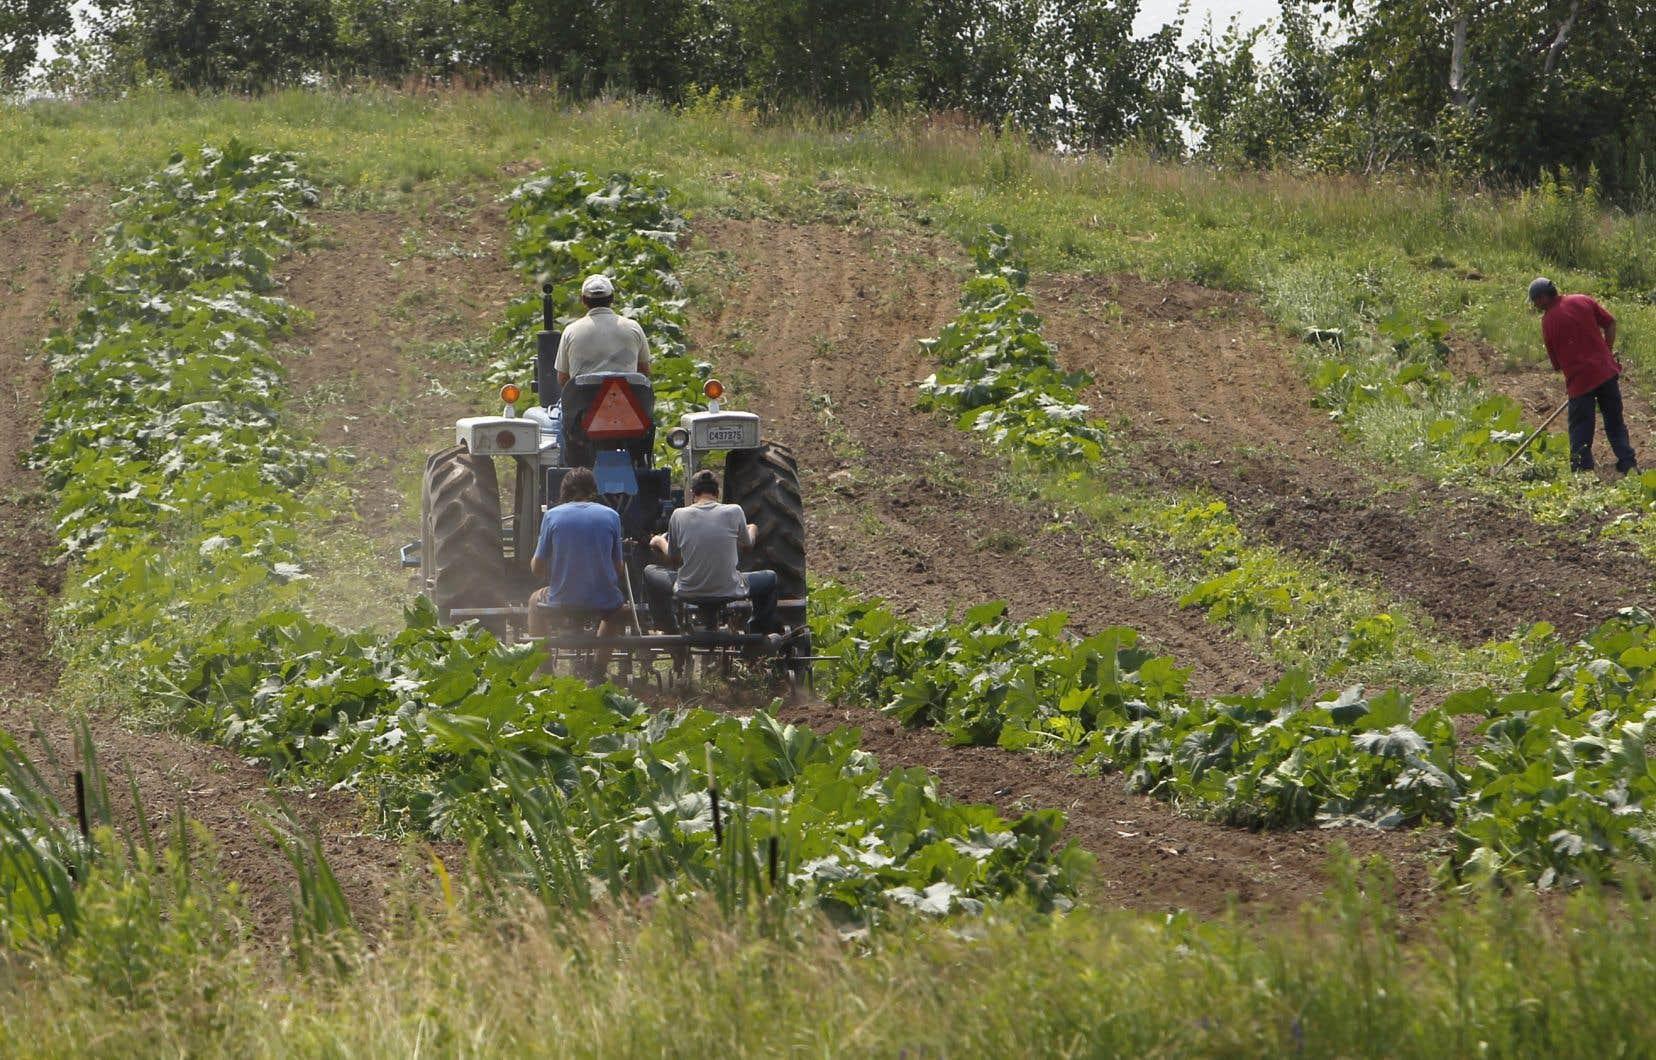 Si l'on se fie au dernier budget du gouvernement québécois, seulement 2% des investissements publics prévus au cours des cinq prochaines années sont destinés à l'agriculture biologique, précise l'auteur.<br />